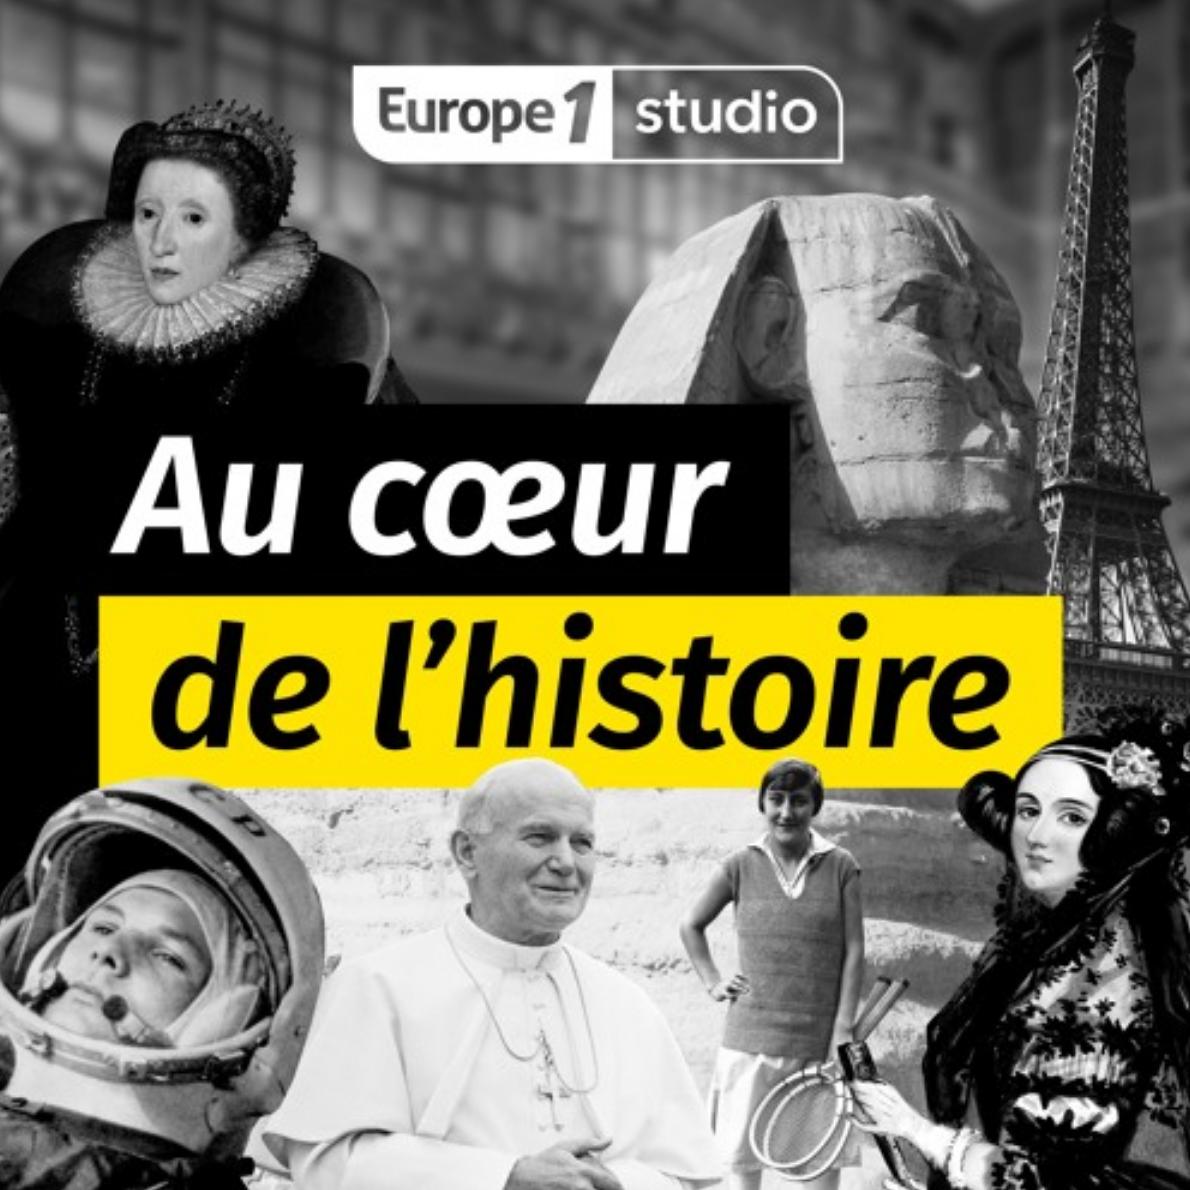 Europe 1 Studio : un podcast avec Jean des Cars